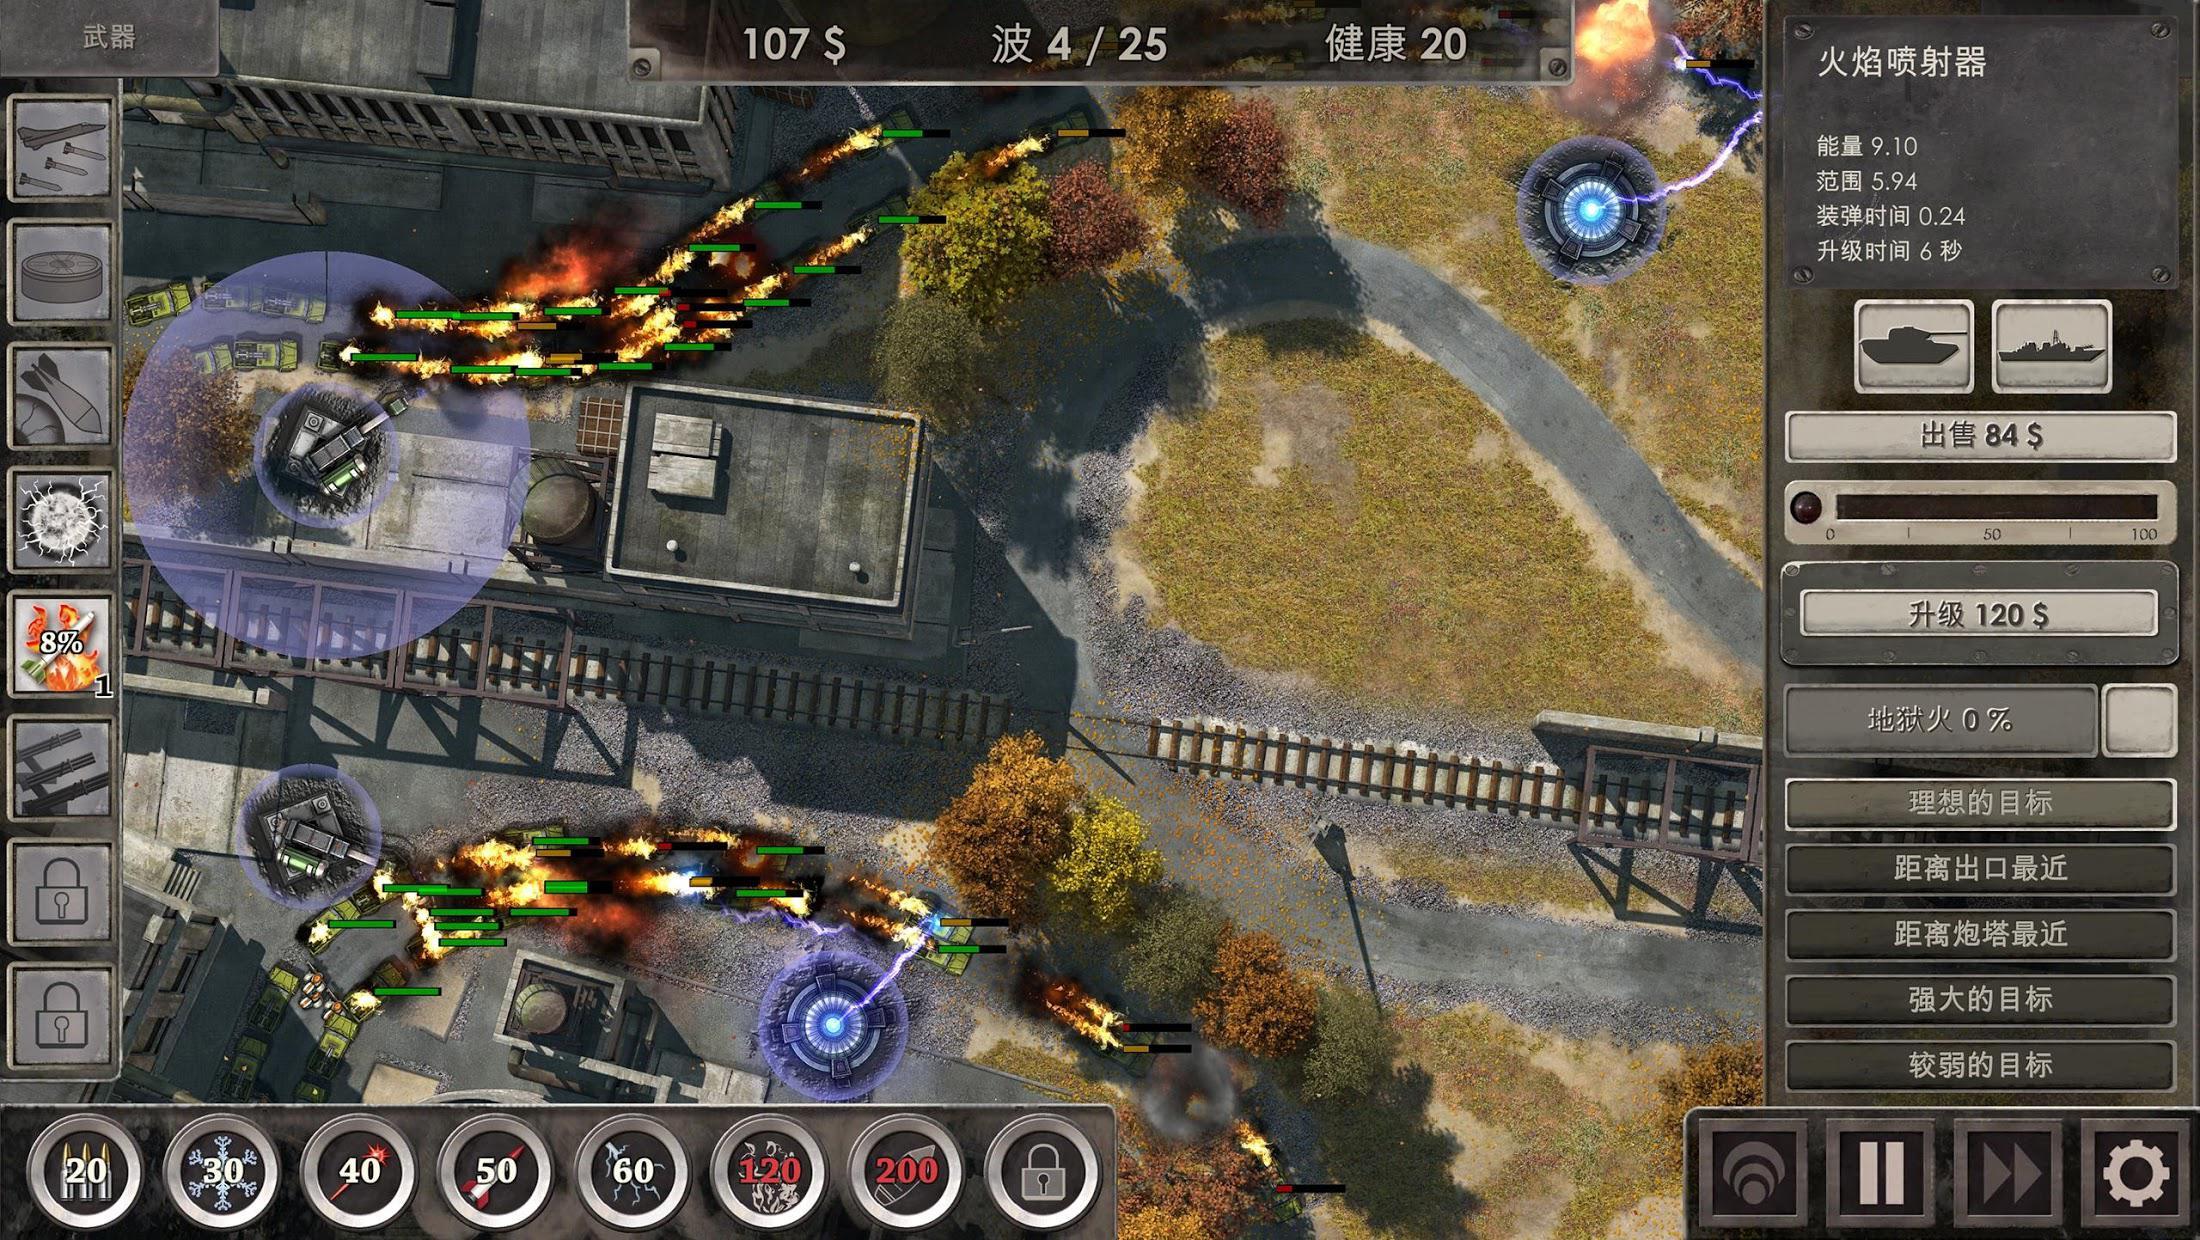 战地防御3 游戏截图4